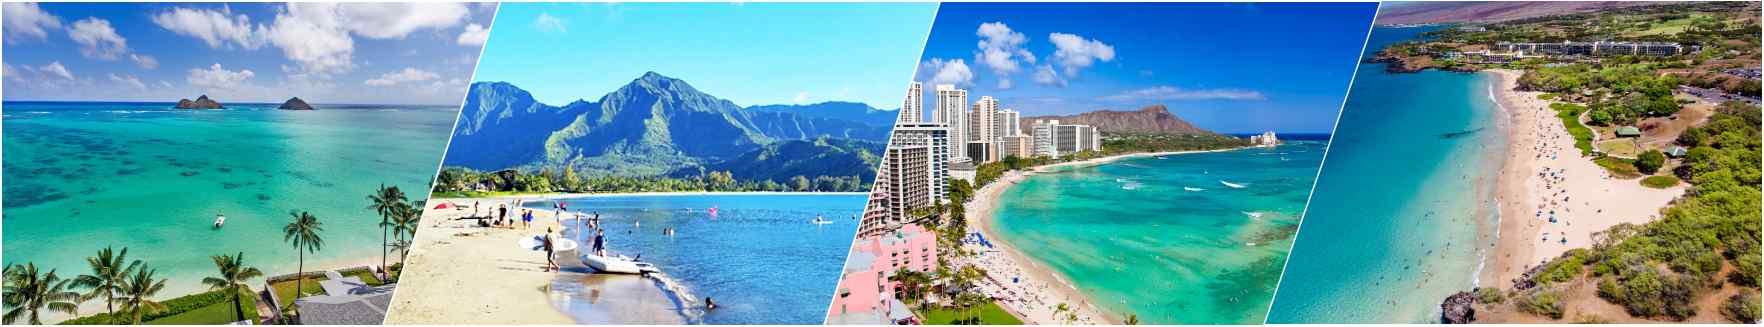 hawai beaches